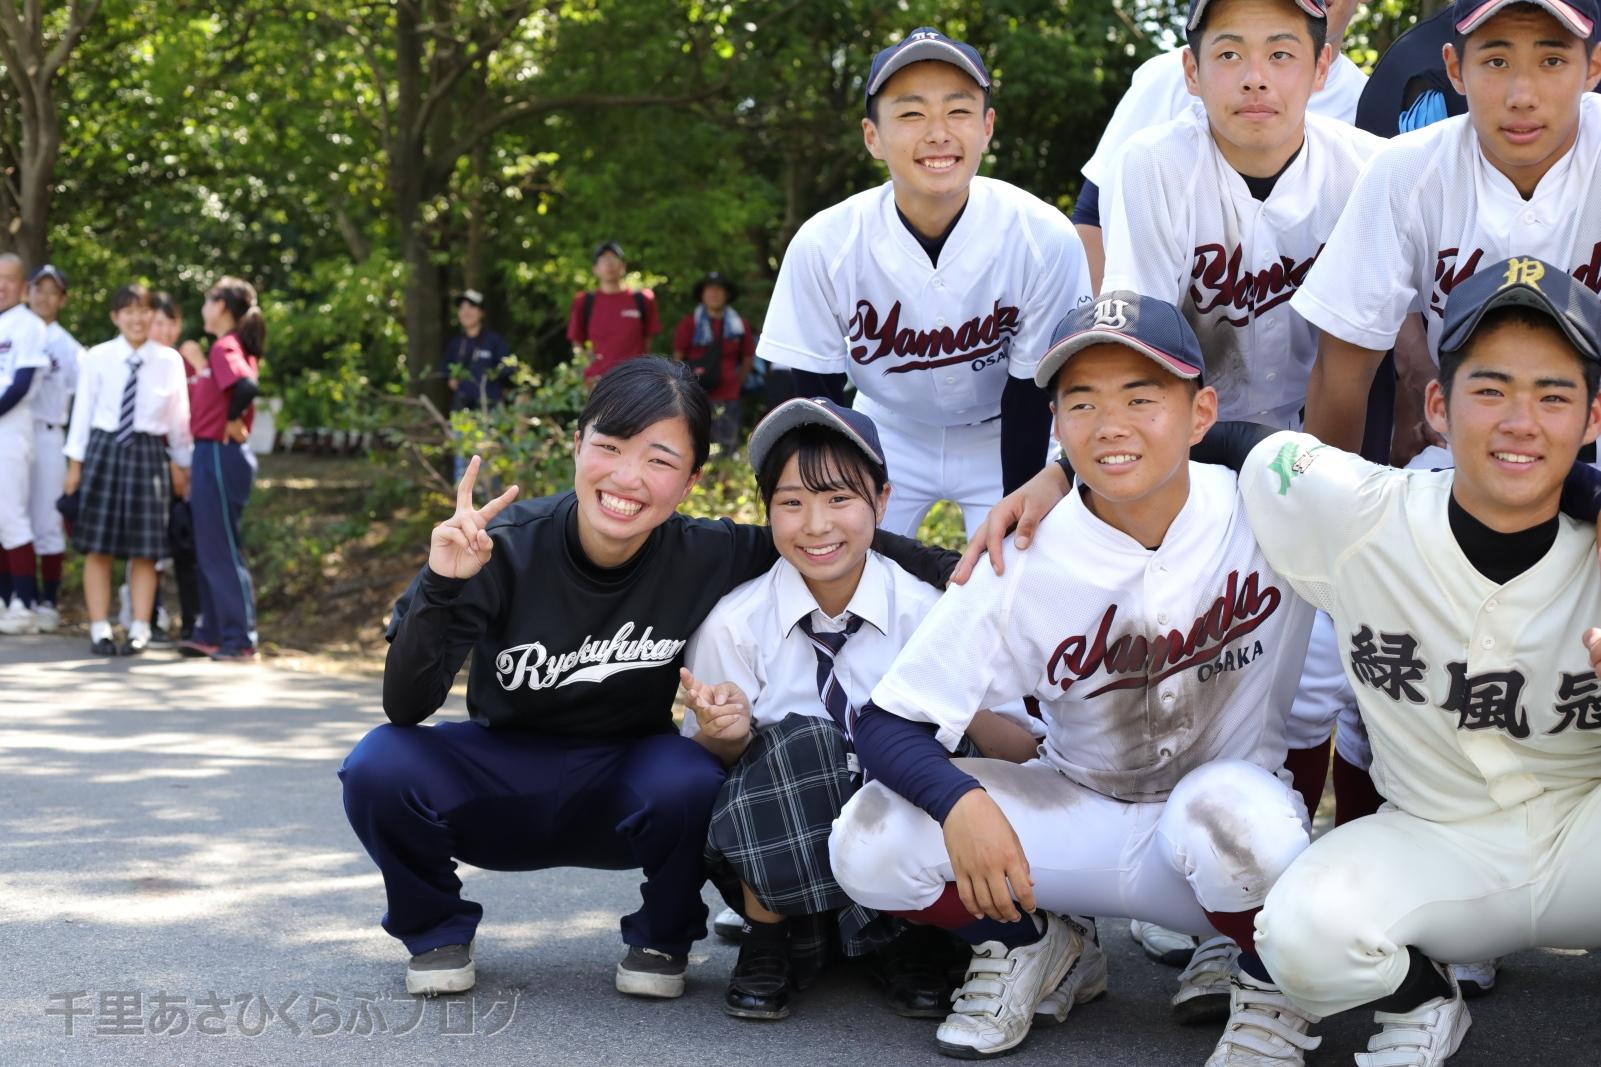 山田 高校 野球 部